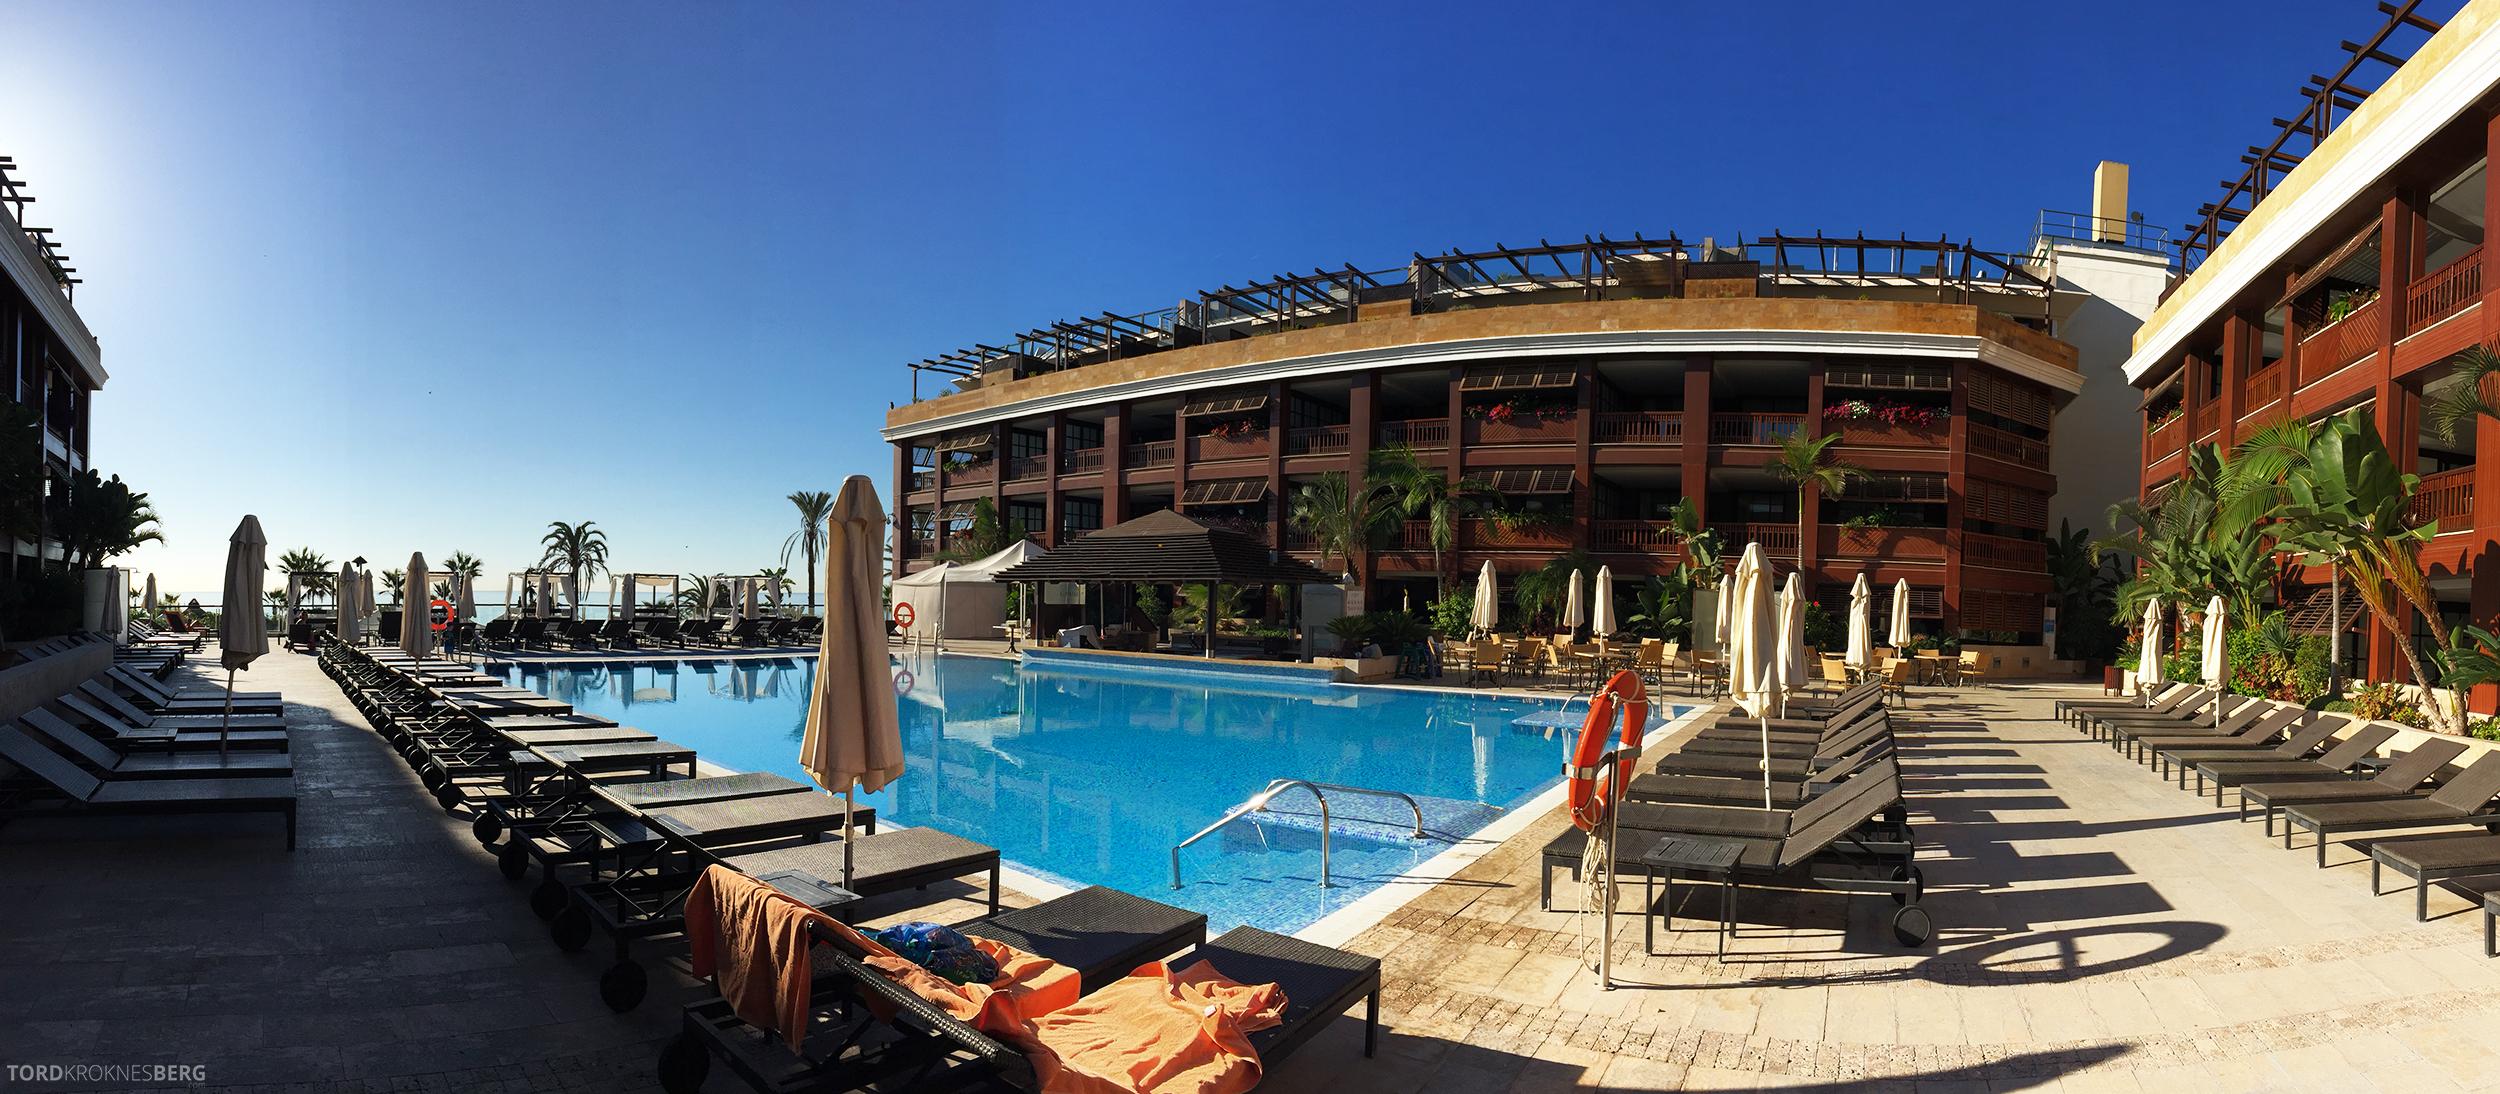 Gran Hotel Guadalpin Banus Marbella bassengområde